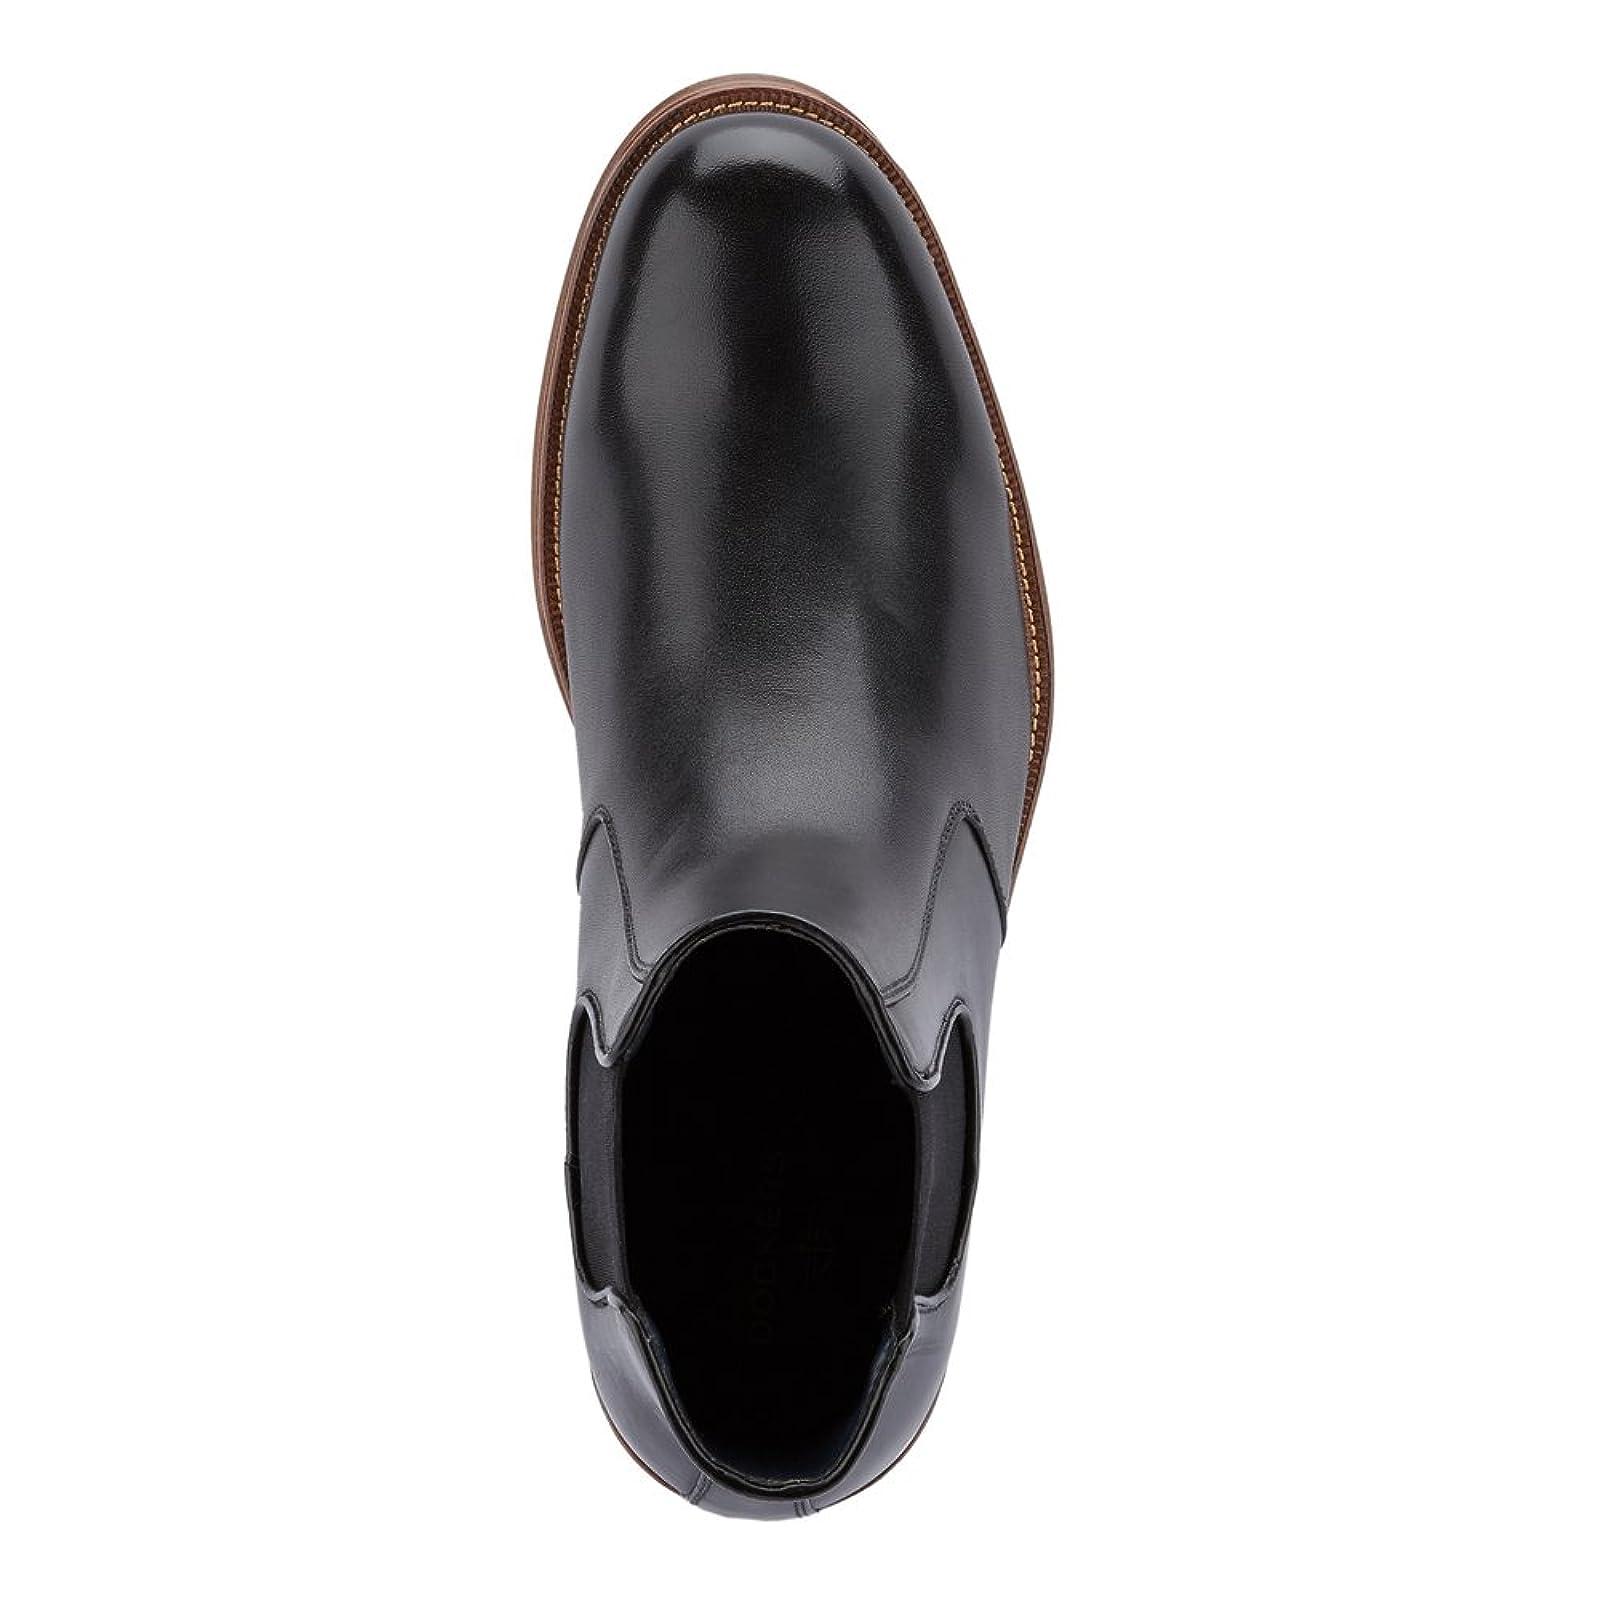 Dockers Men's Ashford Chelsea Boot Black - 2